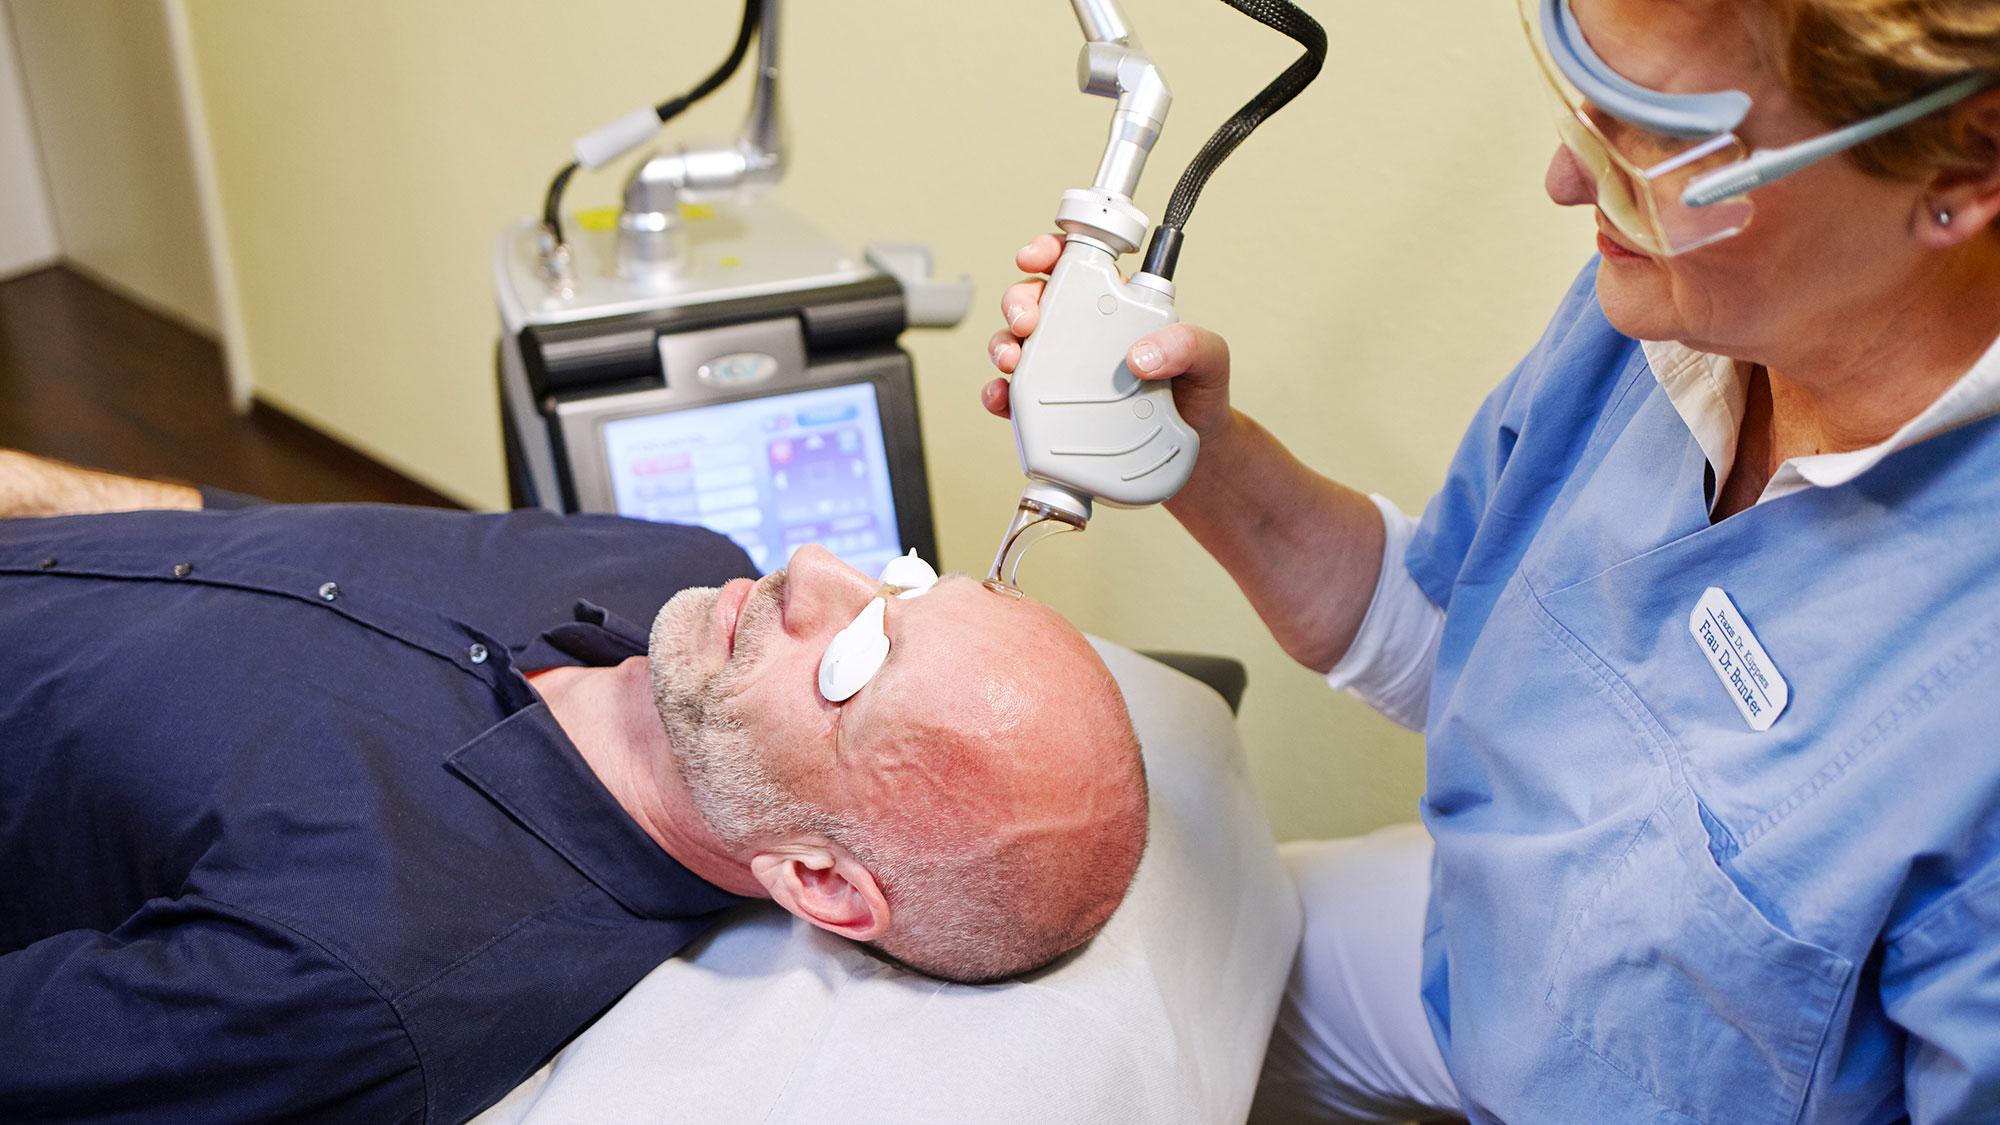 Hautverjüngung per Laser